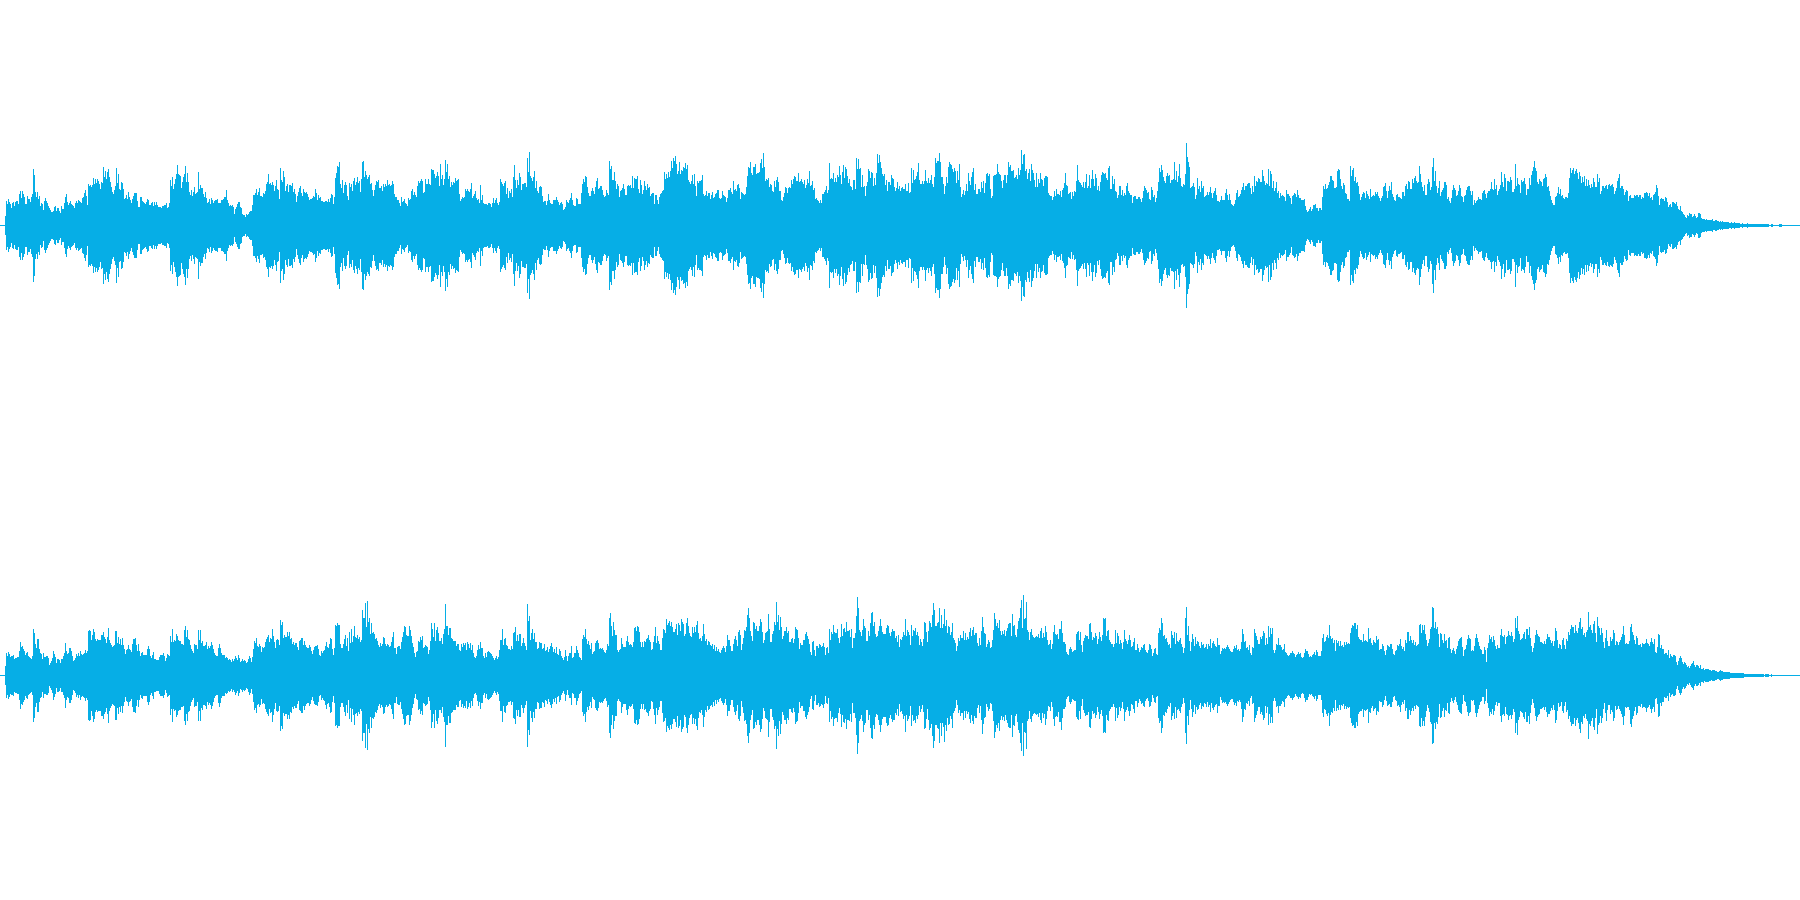 ジブリ風の想像の世界的なジングル2の再生済みの波形